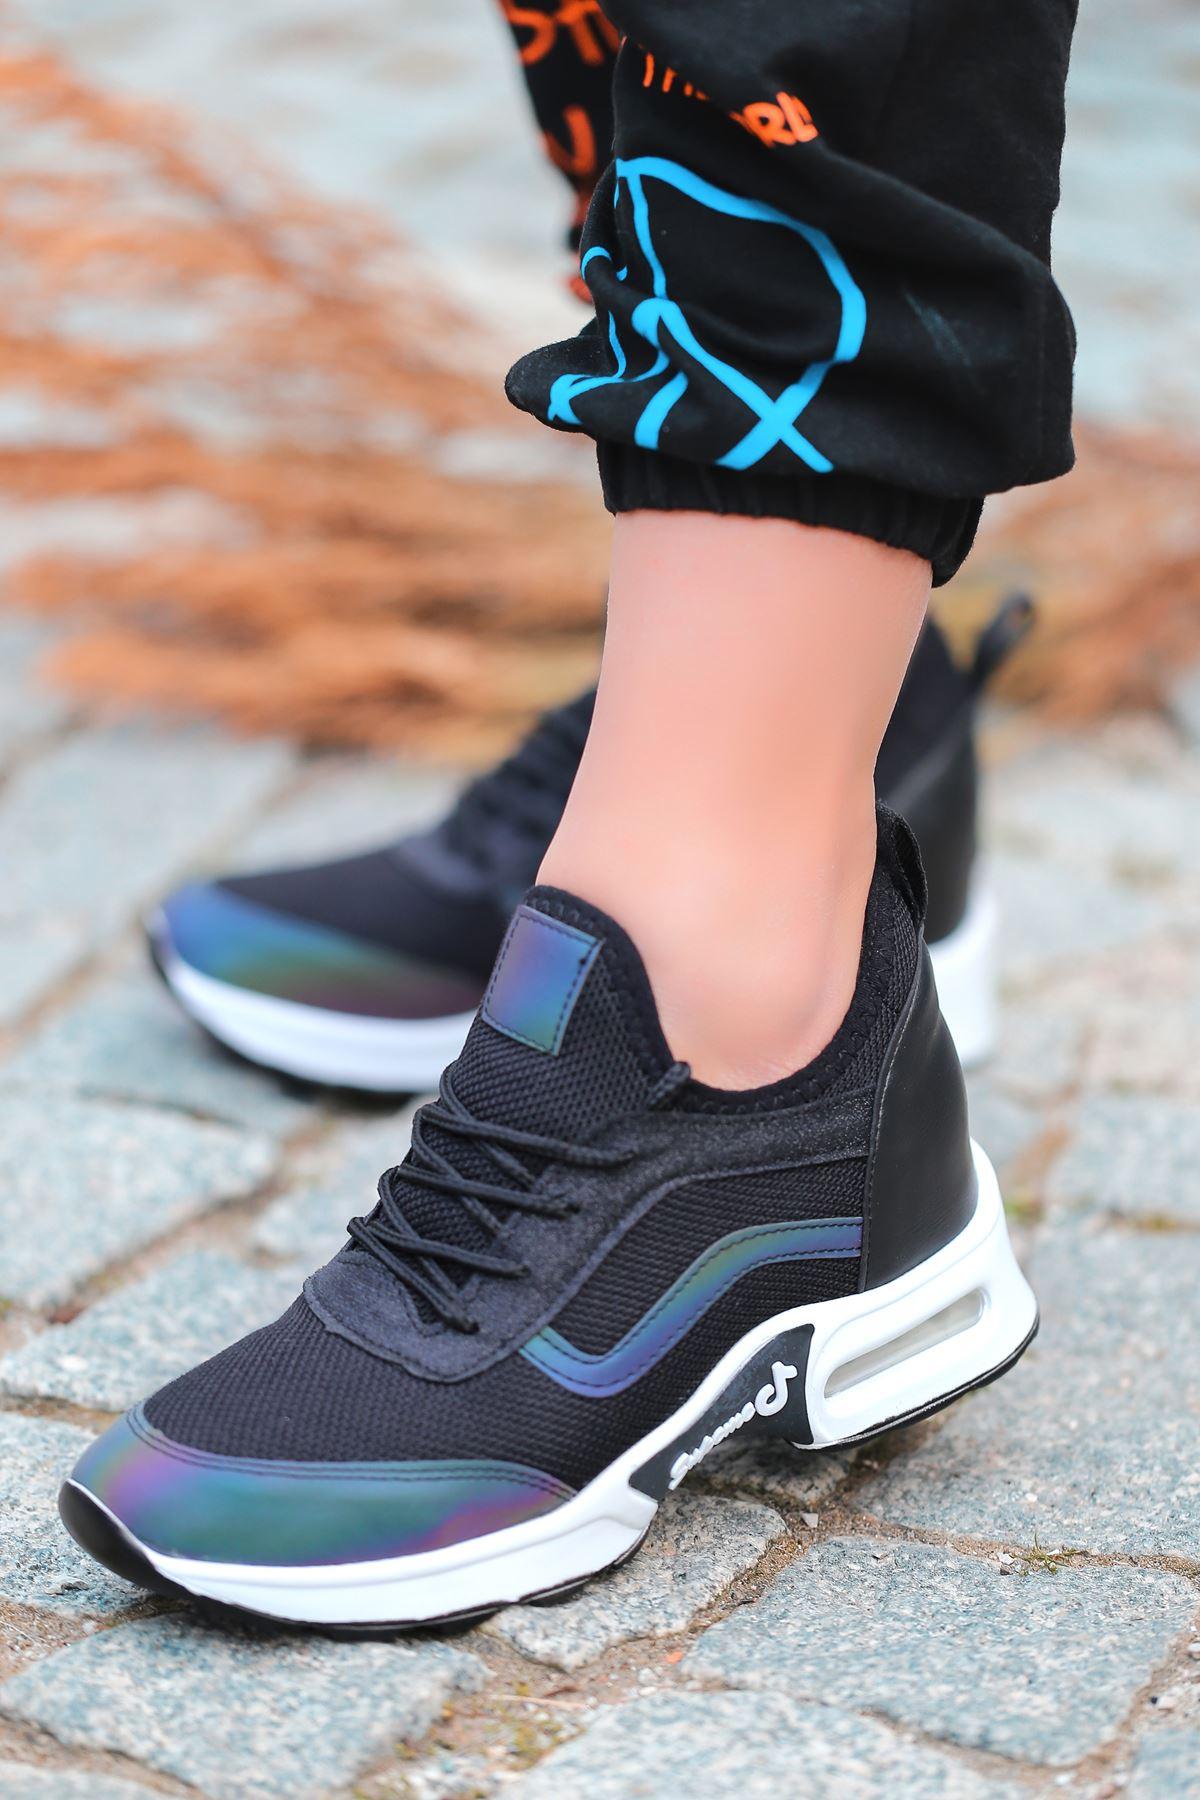 Army Hava Tabanlı Fileli Bağcık Detaylı Siyah Hologramlı Kadın Spor Ayakkabı